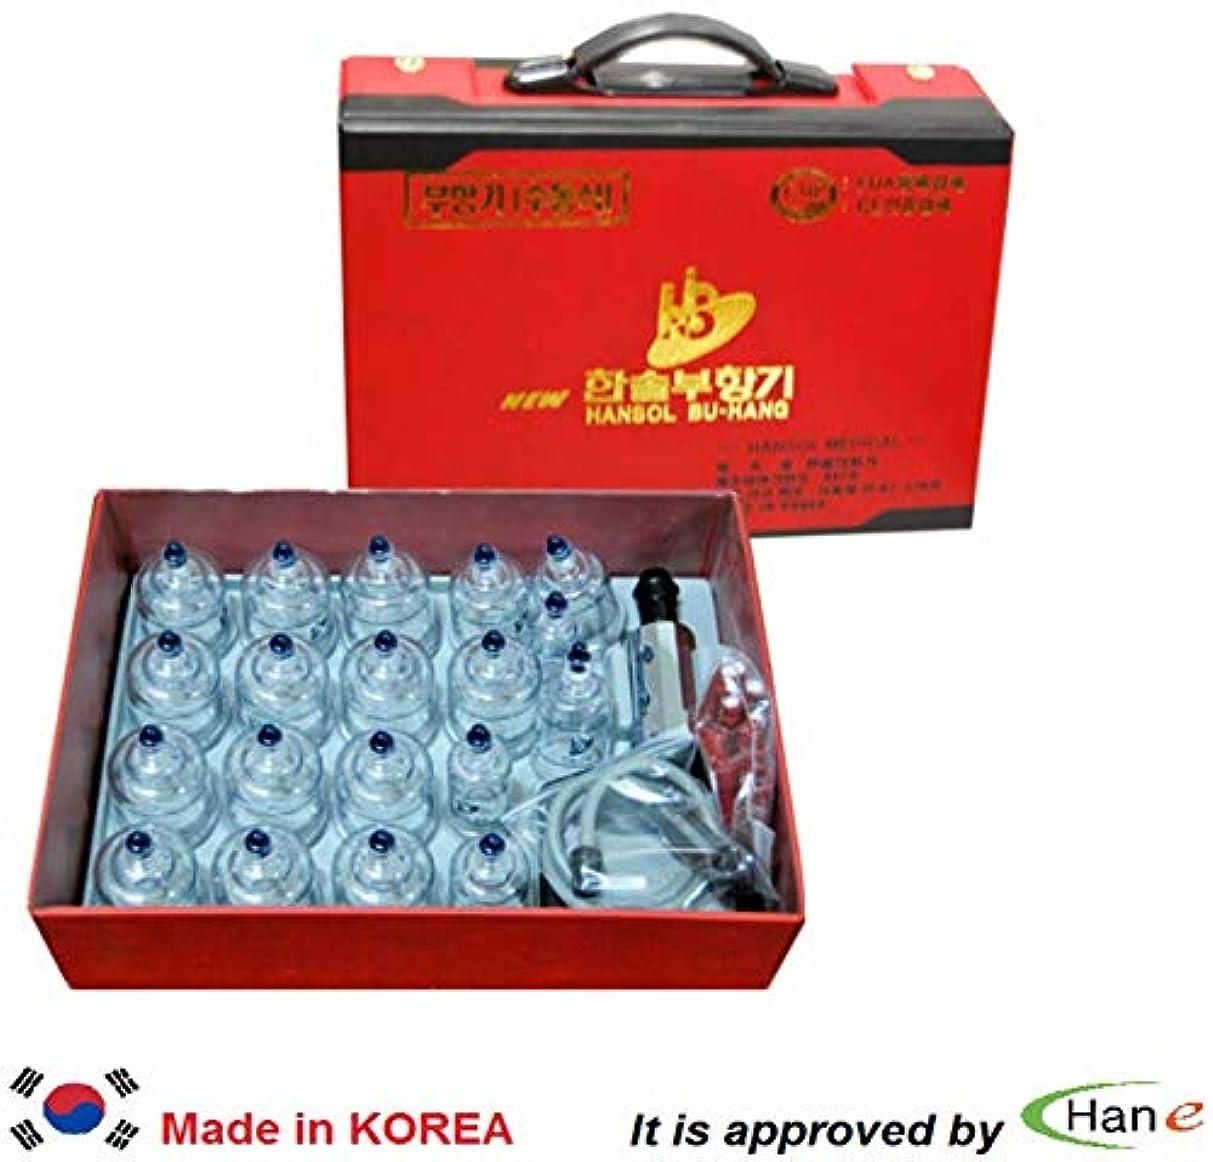 クリスチャンストレスワイヤー韓国カッピングセット19カップハンディケース付属カッピングマッサージ真空吸引